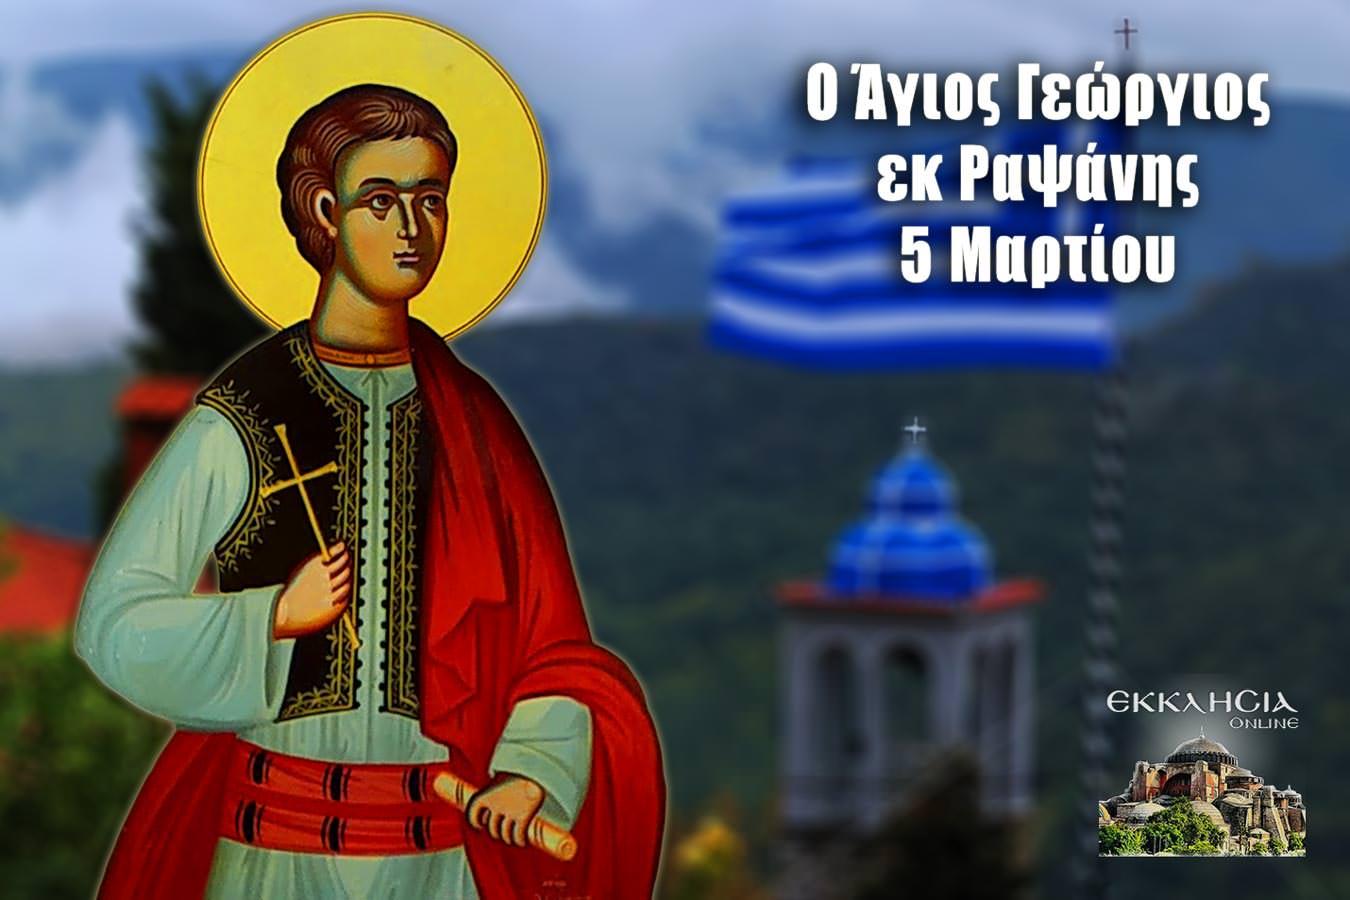 Άγιος Γεώργιος Νεομάρτυρας 5 Μαρτίου